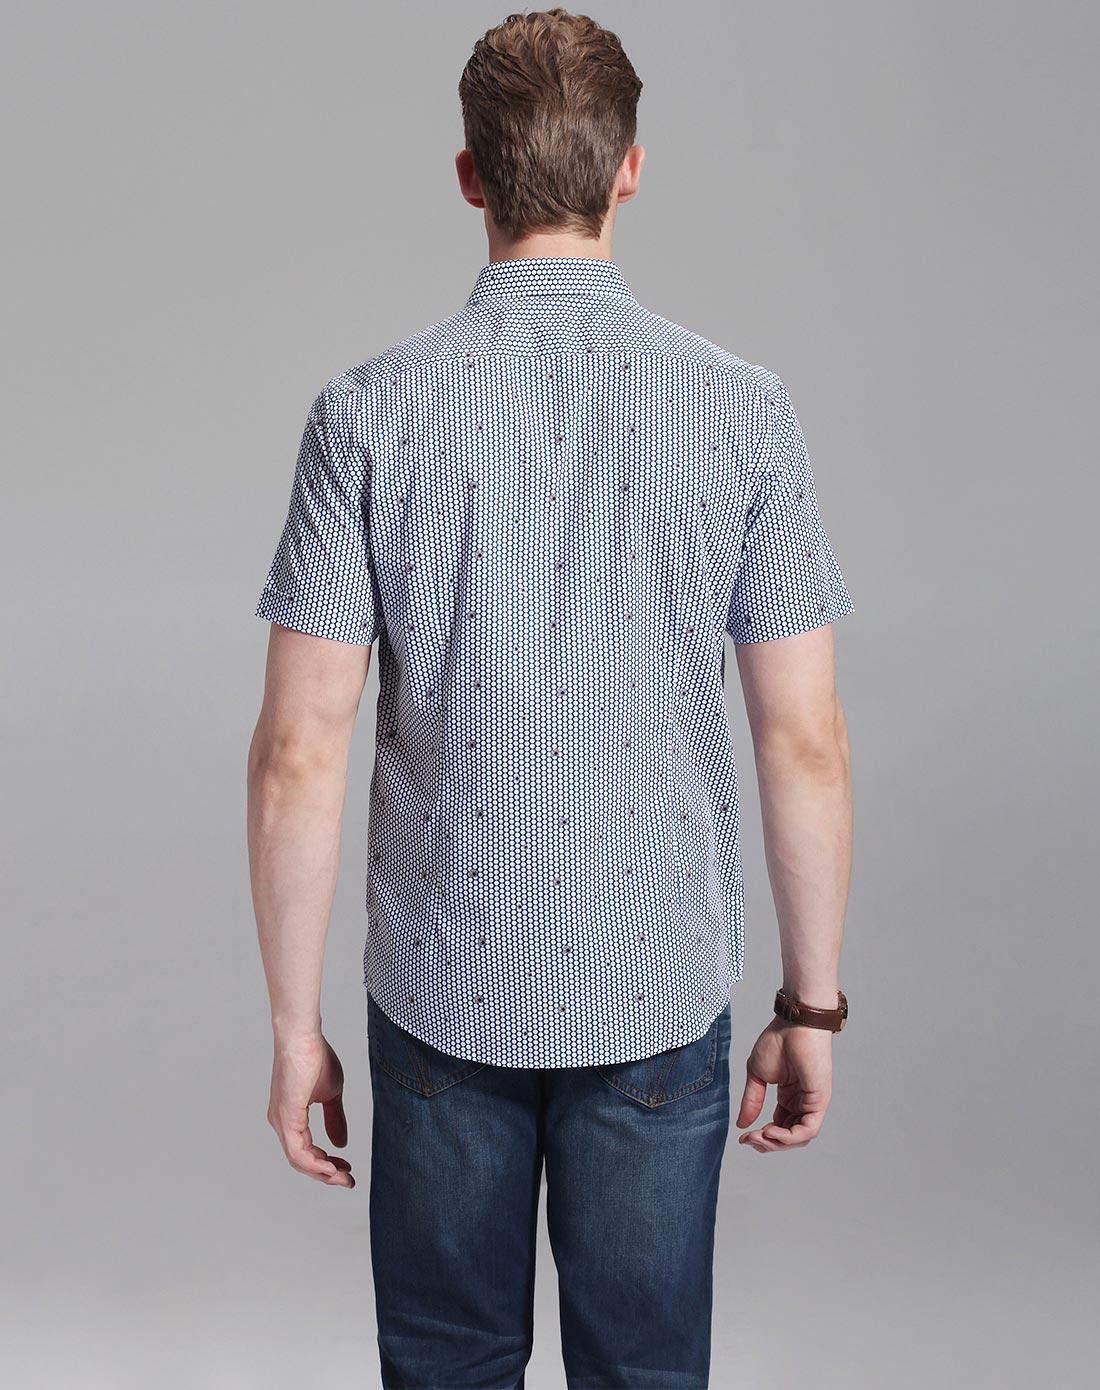 纯棉休闲蓝底花纹短袖衬衫